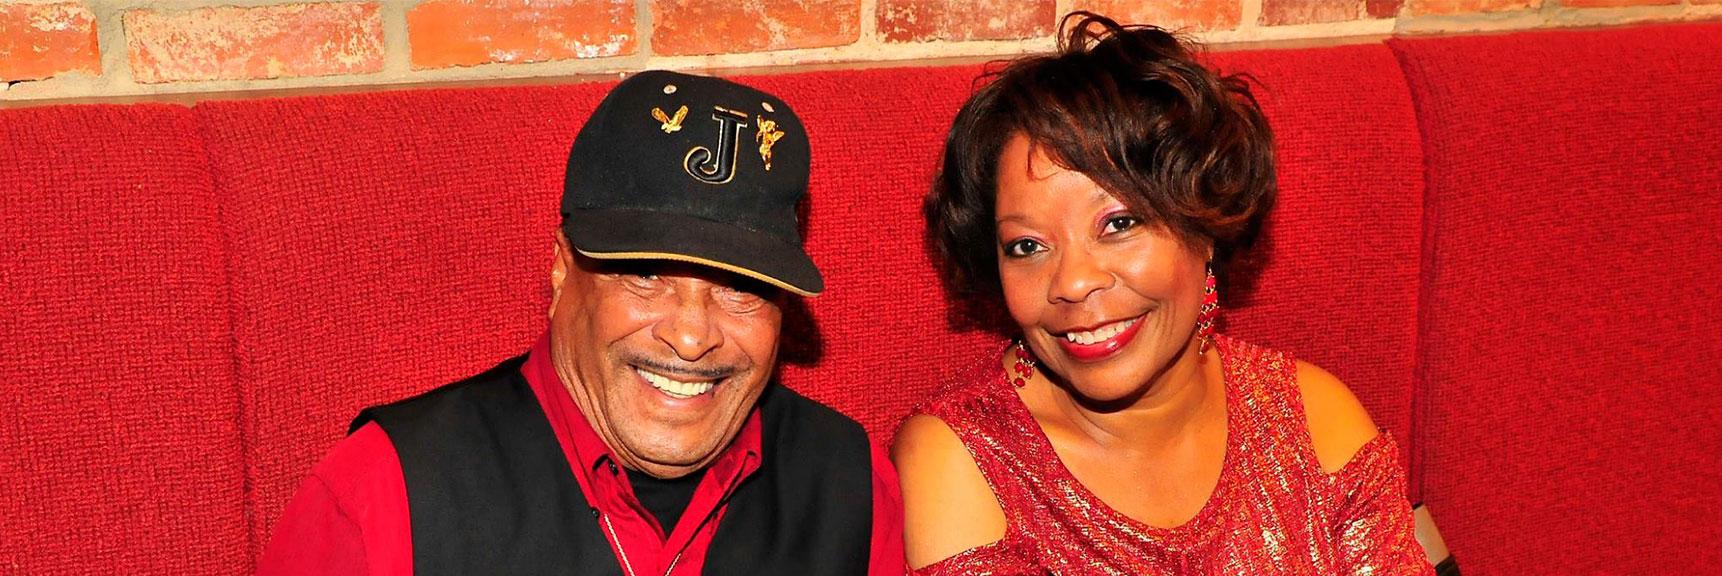 Jimmy and Darlene